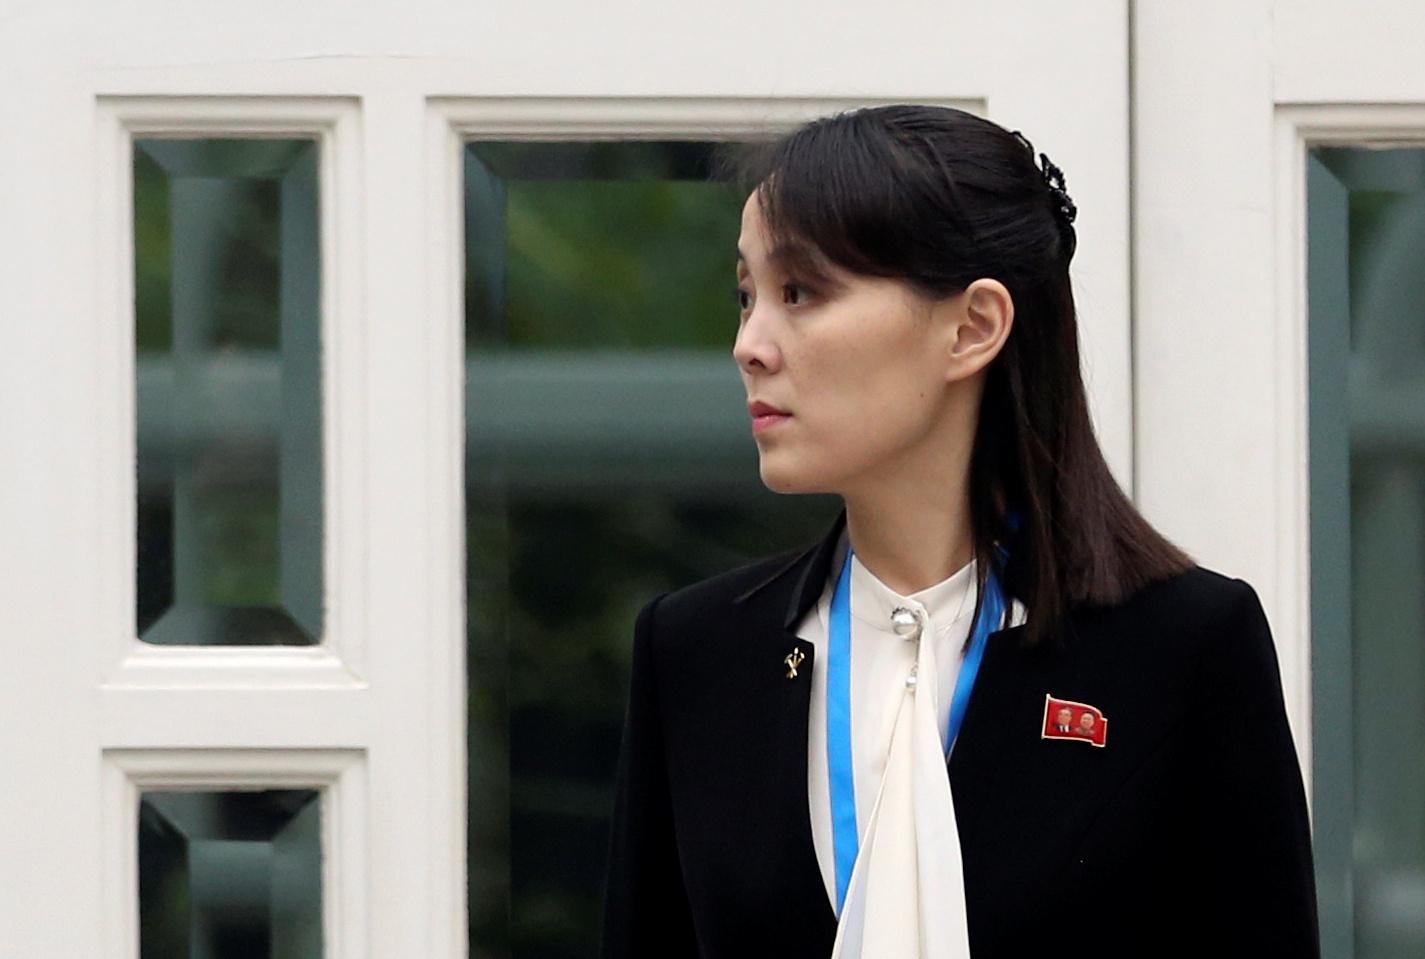 شقيقة زعيم كوريا الشمالية، أرشيف